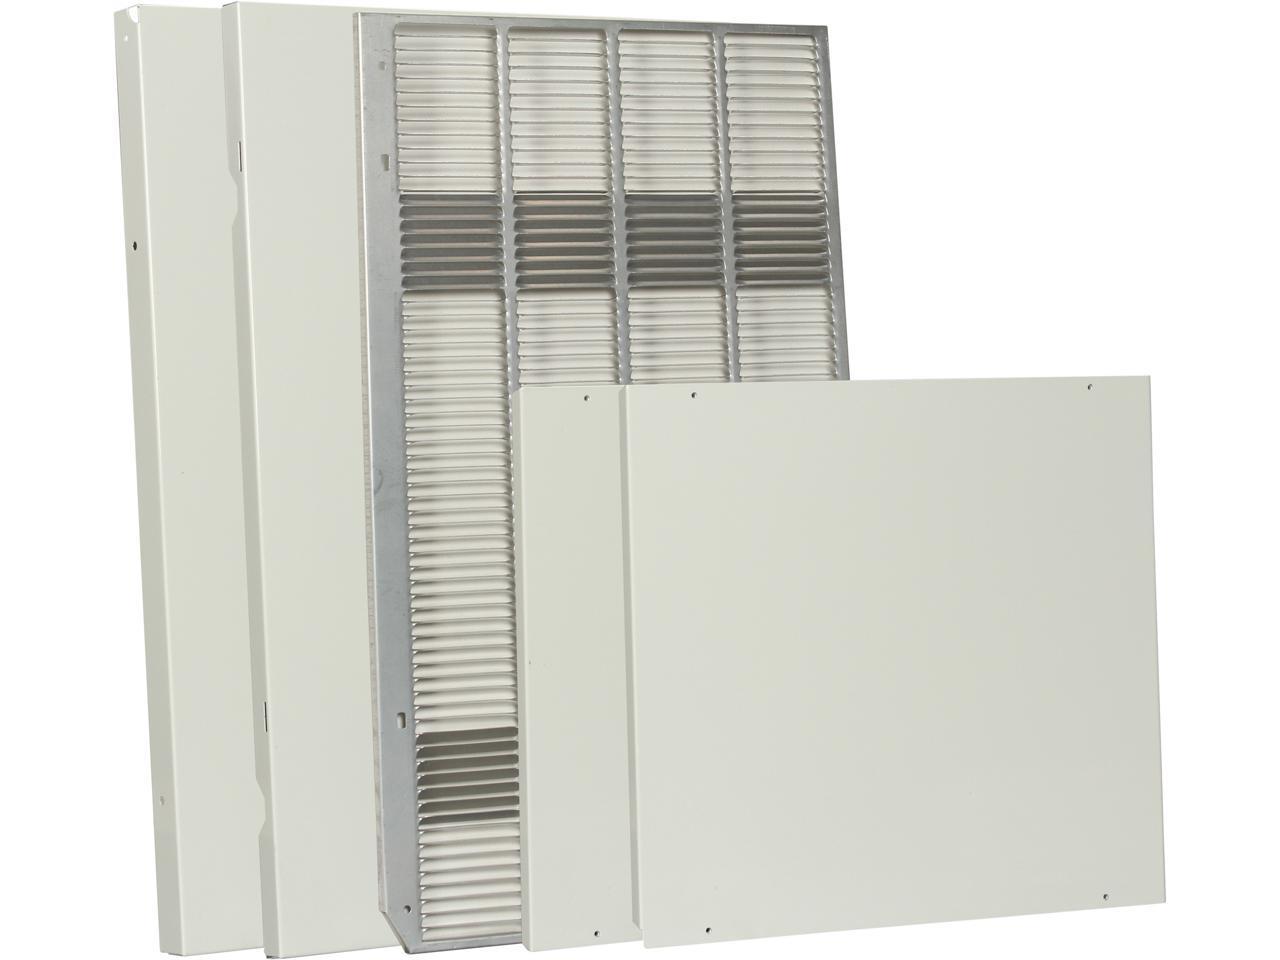 Soleus Air Universal Through-the-Wall Sleeve TTW-SLG